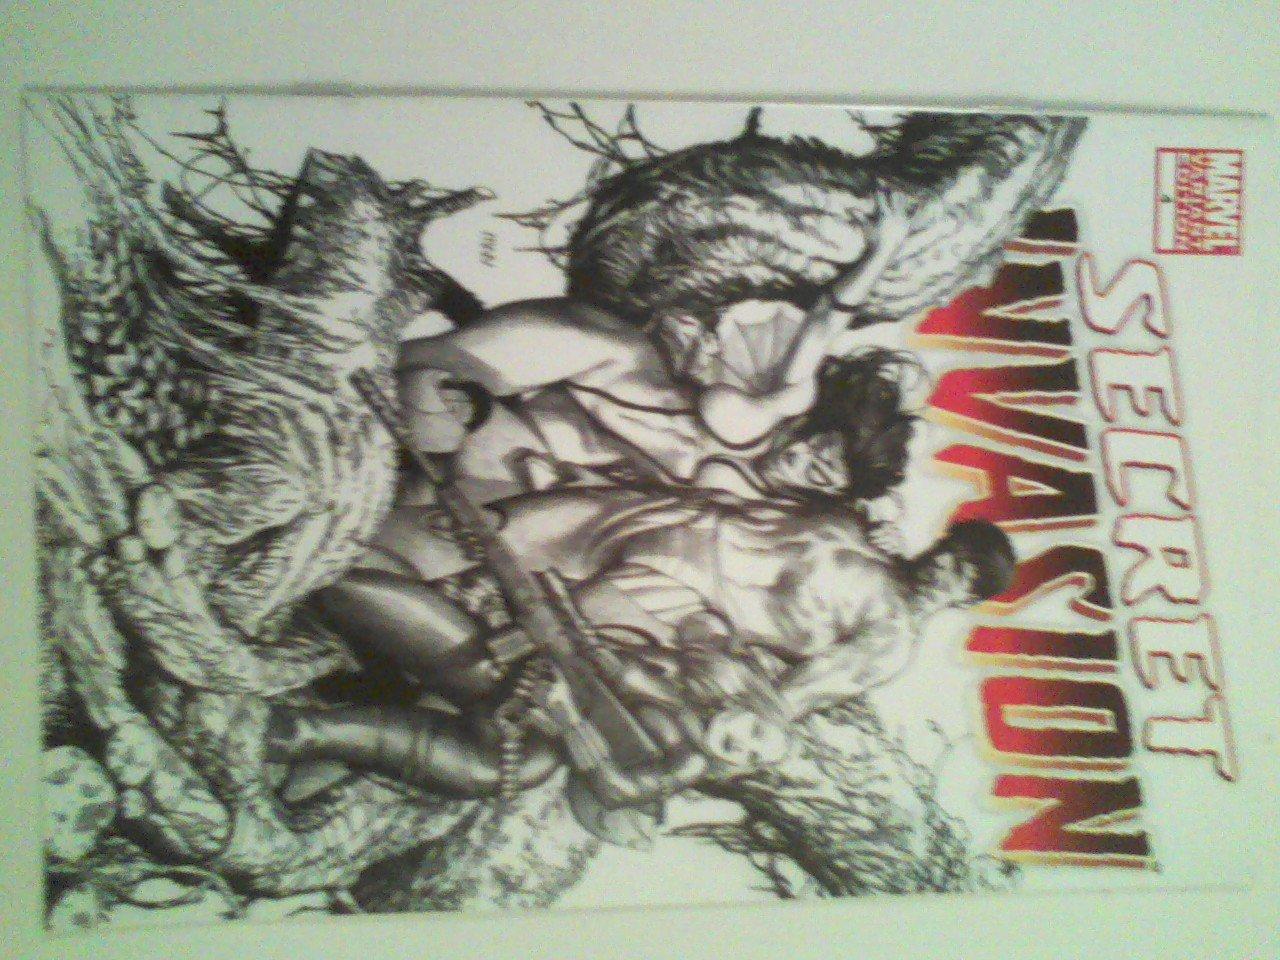 Secret Invasion #4 Incentive Steve McNiven Sketch Variant Cover